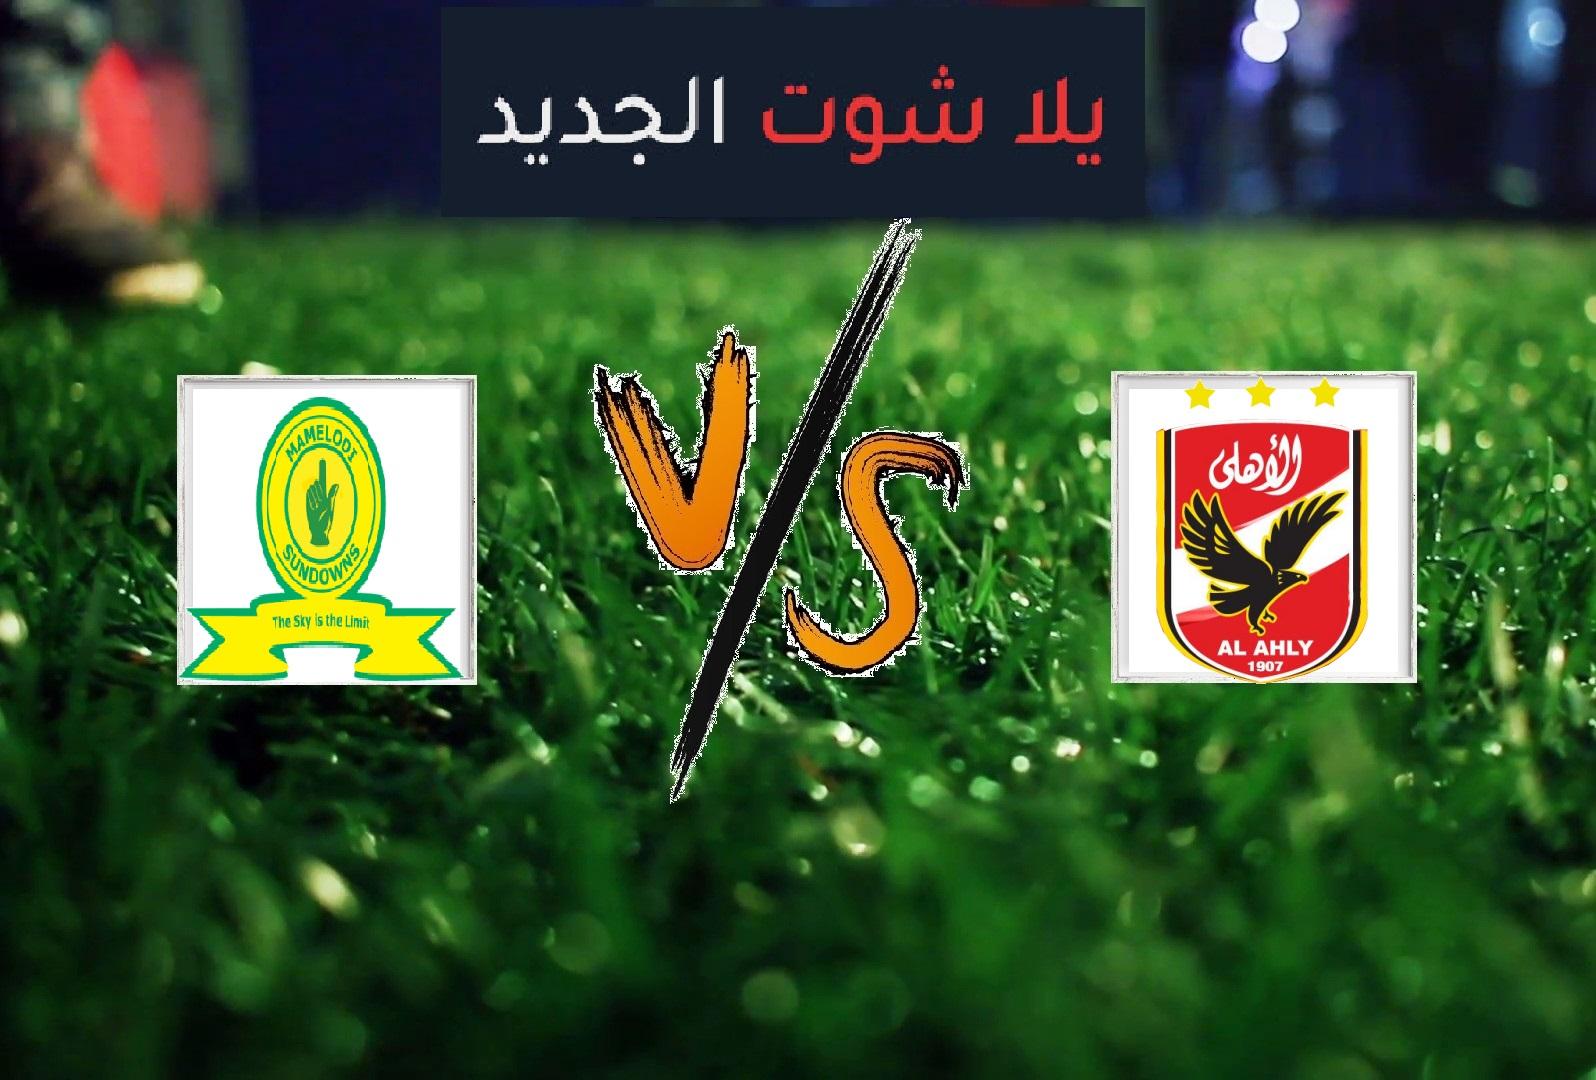 نتيجة مباراة الأهلي وماميلودي سونداونز بتاريخ 07-03-2020 دوري أبطال أفريقيا